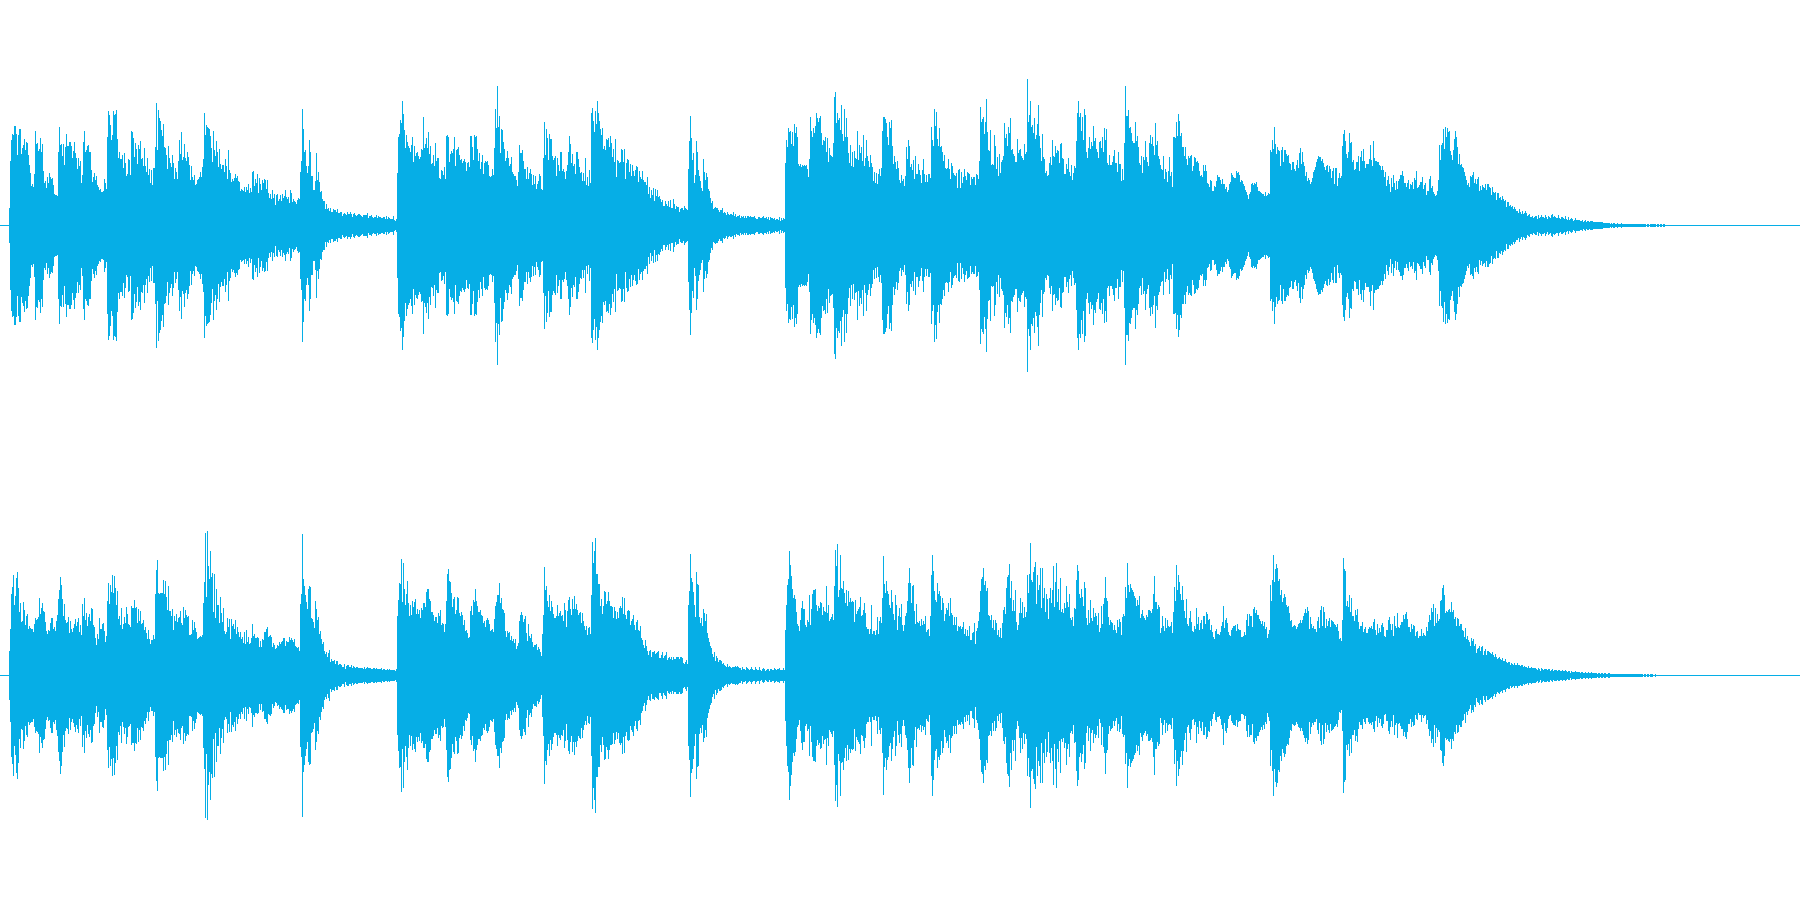 TV・ラジオ音圧。琴笛を使った邦楽出囃子の再生済みの波形